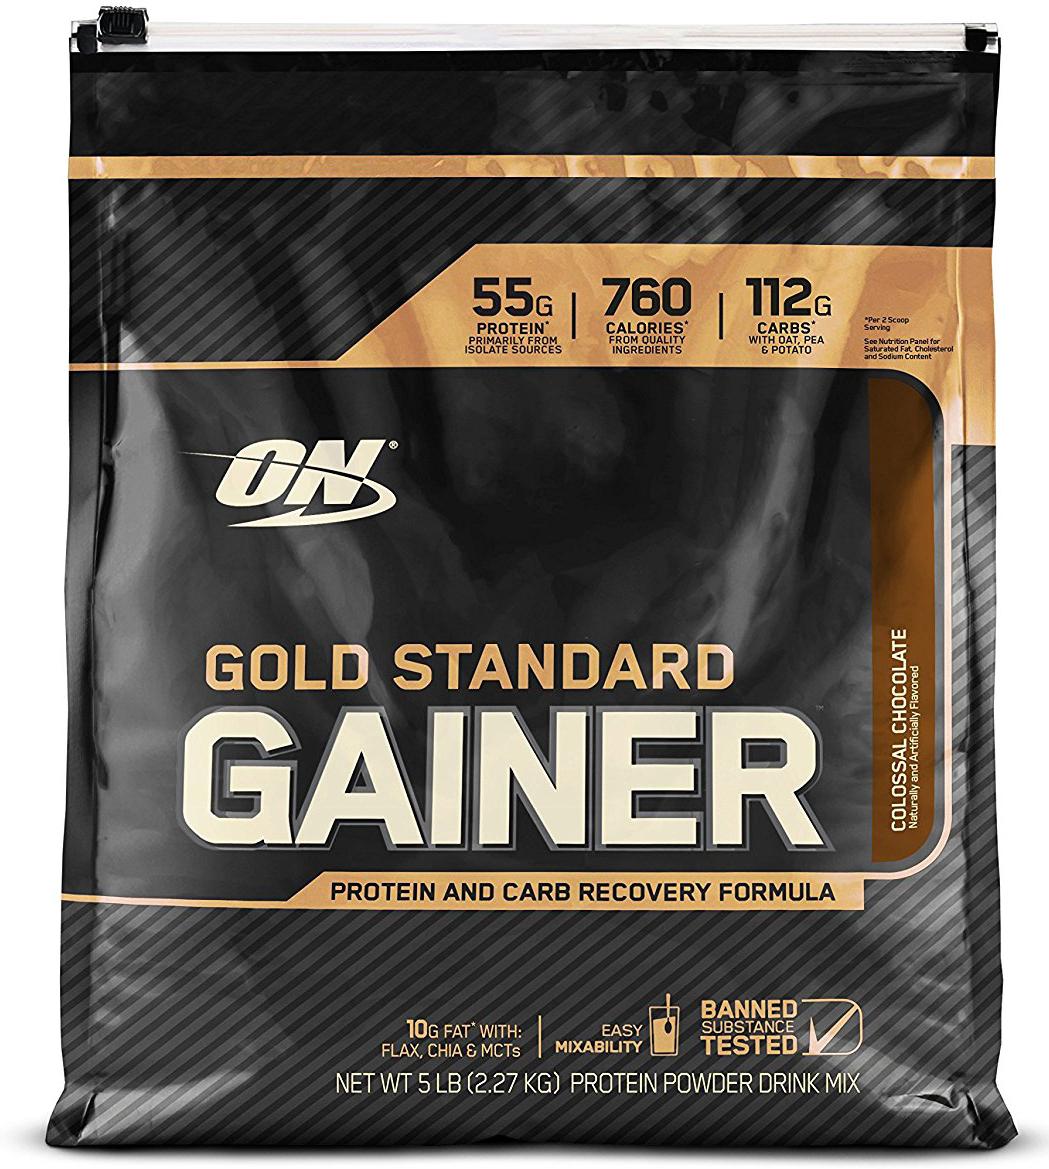 Гейнер Optimum Nutrition Gold Standard Gainer, шоколад, 2,26 кг748927055627Gold Standard Gainer от Optimum Nutrition - новый сбалансированный гейнер с оптимальным соотношением белков и углеводов - 1 к 2. Его база составлена из лучших смесей, где каждый ингредиент работает на результат. В состав гейнера входят медленно усвояемые углеводы высокого качества из овсяной муки, горохового и картофельного крахмала, несколько видов белка (основной ингредиент этого гейнера - сывороточный изолят) и только полезные жиры - из льяного масла, семян чиа и среднецепочных триглицеридов. Углеводная матрица этого гейнера обеспечит вам длительный заряд энергии и поможет восстановить запасы гликогена, белковая матрица (изолят сыворотки, концентрат сыворотки, изолят молочного протеина, гидролизованный изолят сыворотки) снабдит организм необходимыми для мышечного роста и восстановления аминокислоты, при этом не нагружая ЖКТ. Полезные для организма жиры, входящие в состав этого гейнера, быстро усваиваются и сразу же начинают работать на пользу организма: помогают усвоению многих витаминов и транспорту гормонов, участвуют в процессе формирования клеточных мембран, терморегуляции и других. Гейнер Gold Standard Gainer от Optimum Nutrition отлично подойдет тем, кто испытывает трудности при наборе массы, в том числе мышечной. Кроме того, этот продукт ускоряет восстановление, в том числе и ночное, в период интенсивных физических нагрузок.Состав: белковая смесь (изолят сывороточного белка, концентрат сывороточного белка, изолят молочного белка, гидролизованный изолят сывороточного белка), смесь углеводов (овсяная мука, гороховый крахмал [carb10®], картофельный крахмал), мальтодекстрин, натуральные и искусственные ароматизаторы, триглицериды со средней цепью, сливочник (подсолнечное масло, твердые вещества кукурузного сиропа, натрия казеинат, моно и диглицериды, дикалий фосфат, трикальций фосфат, соевый лецитин, токоферолы), лецитин, корица молотая, семена льна белок, соль, молотые семена чиа, каме